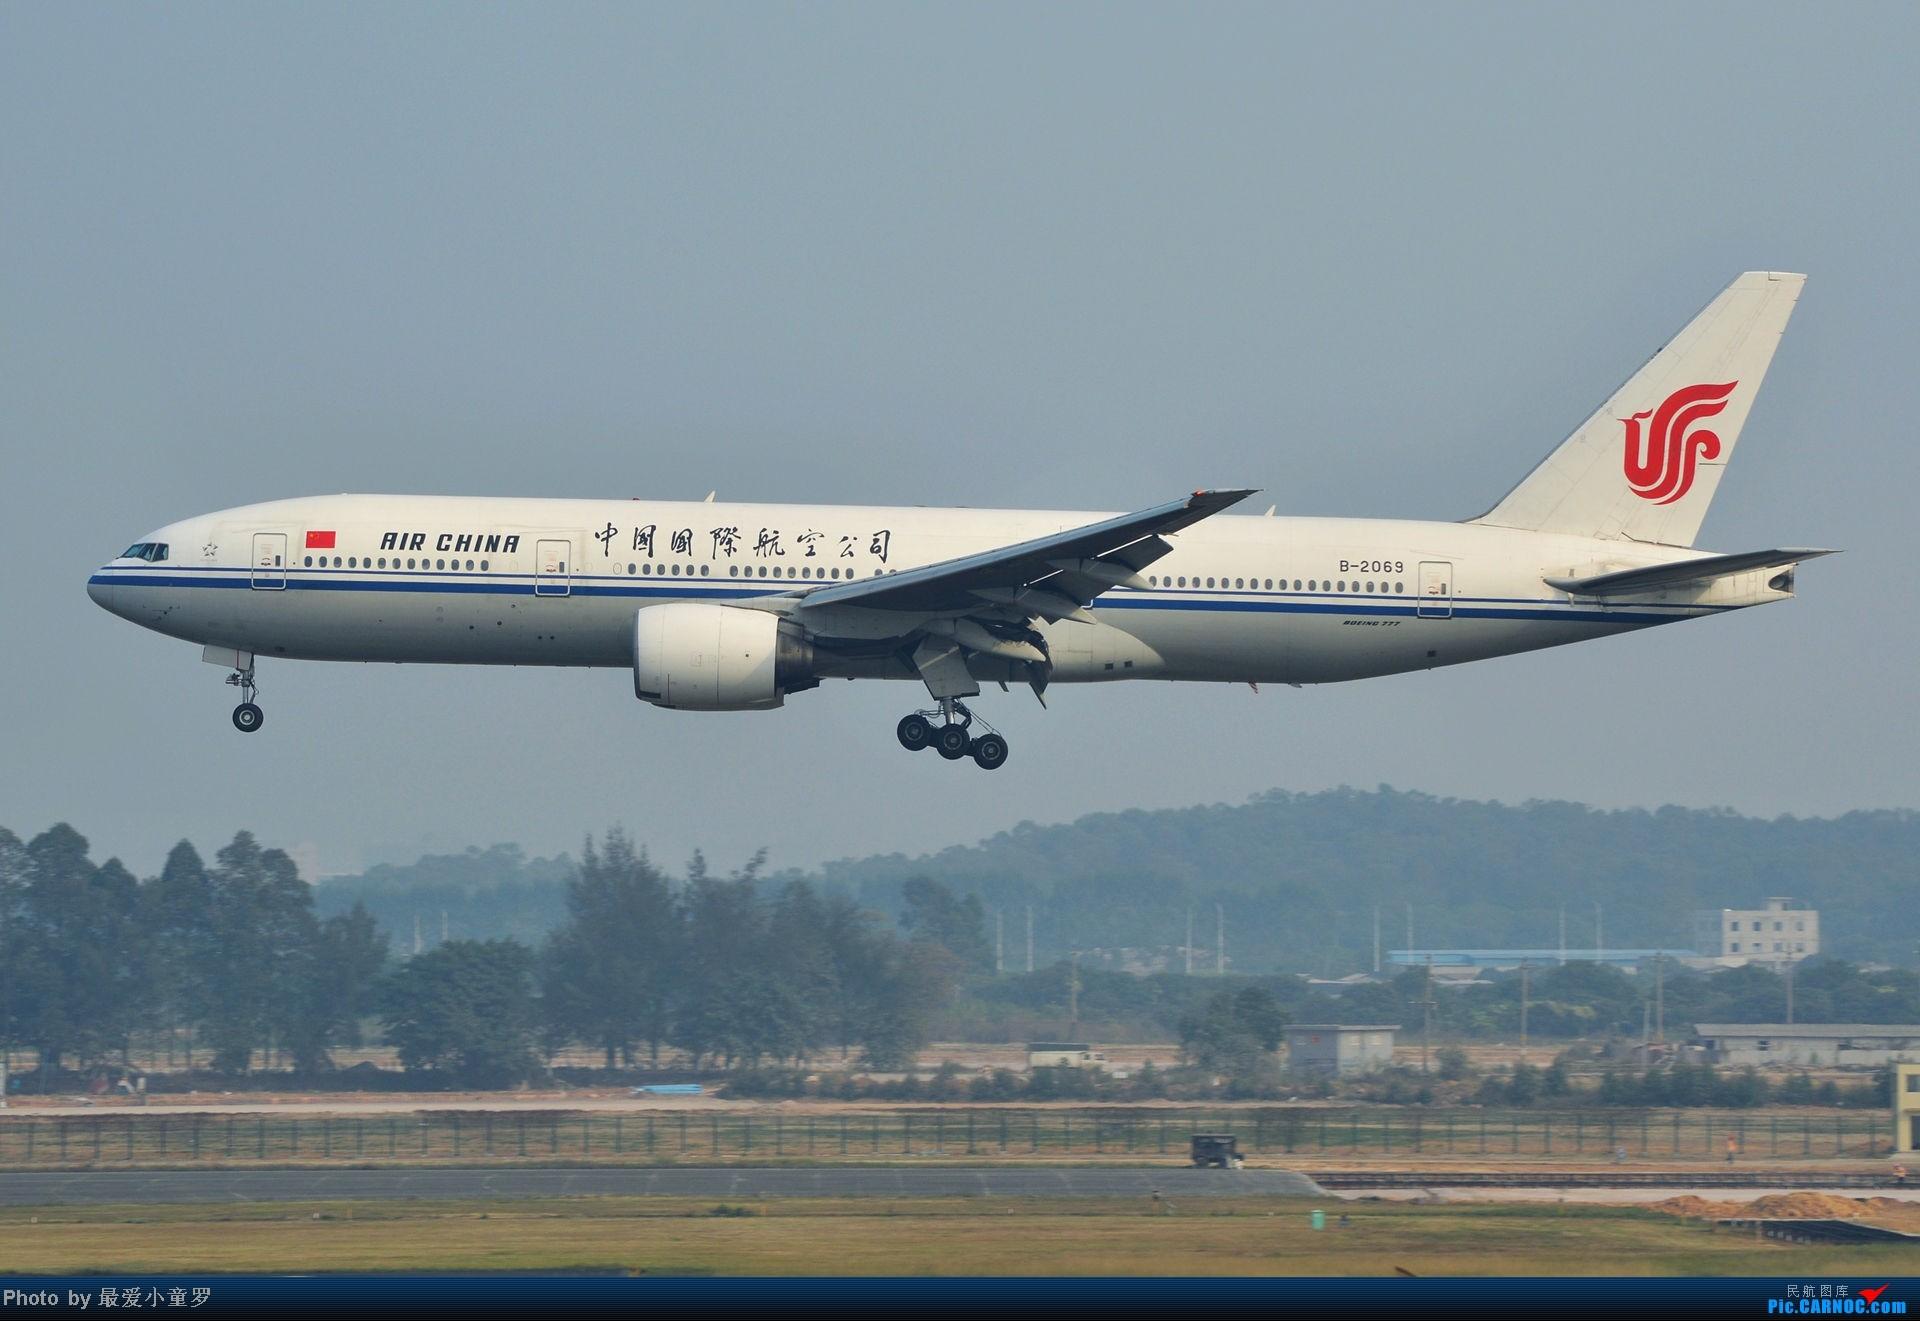 Re:[原创]去年11月15日,CAN烂天拍机,修出来的图无法直视 BOEING 777-200 B-2069 中国广州白云机场